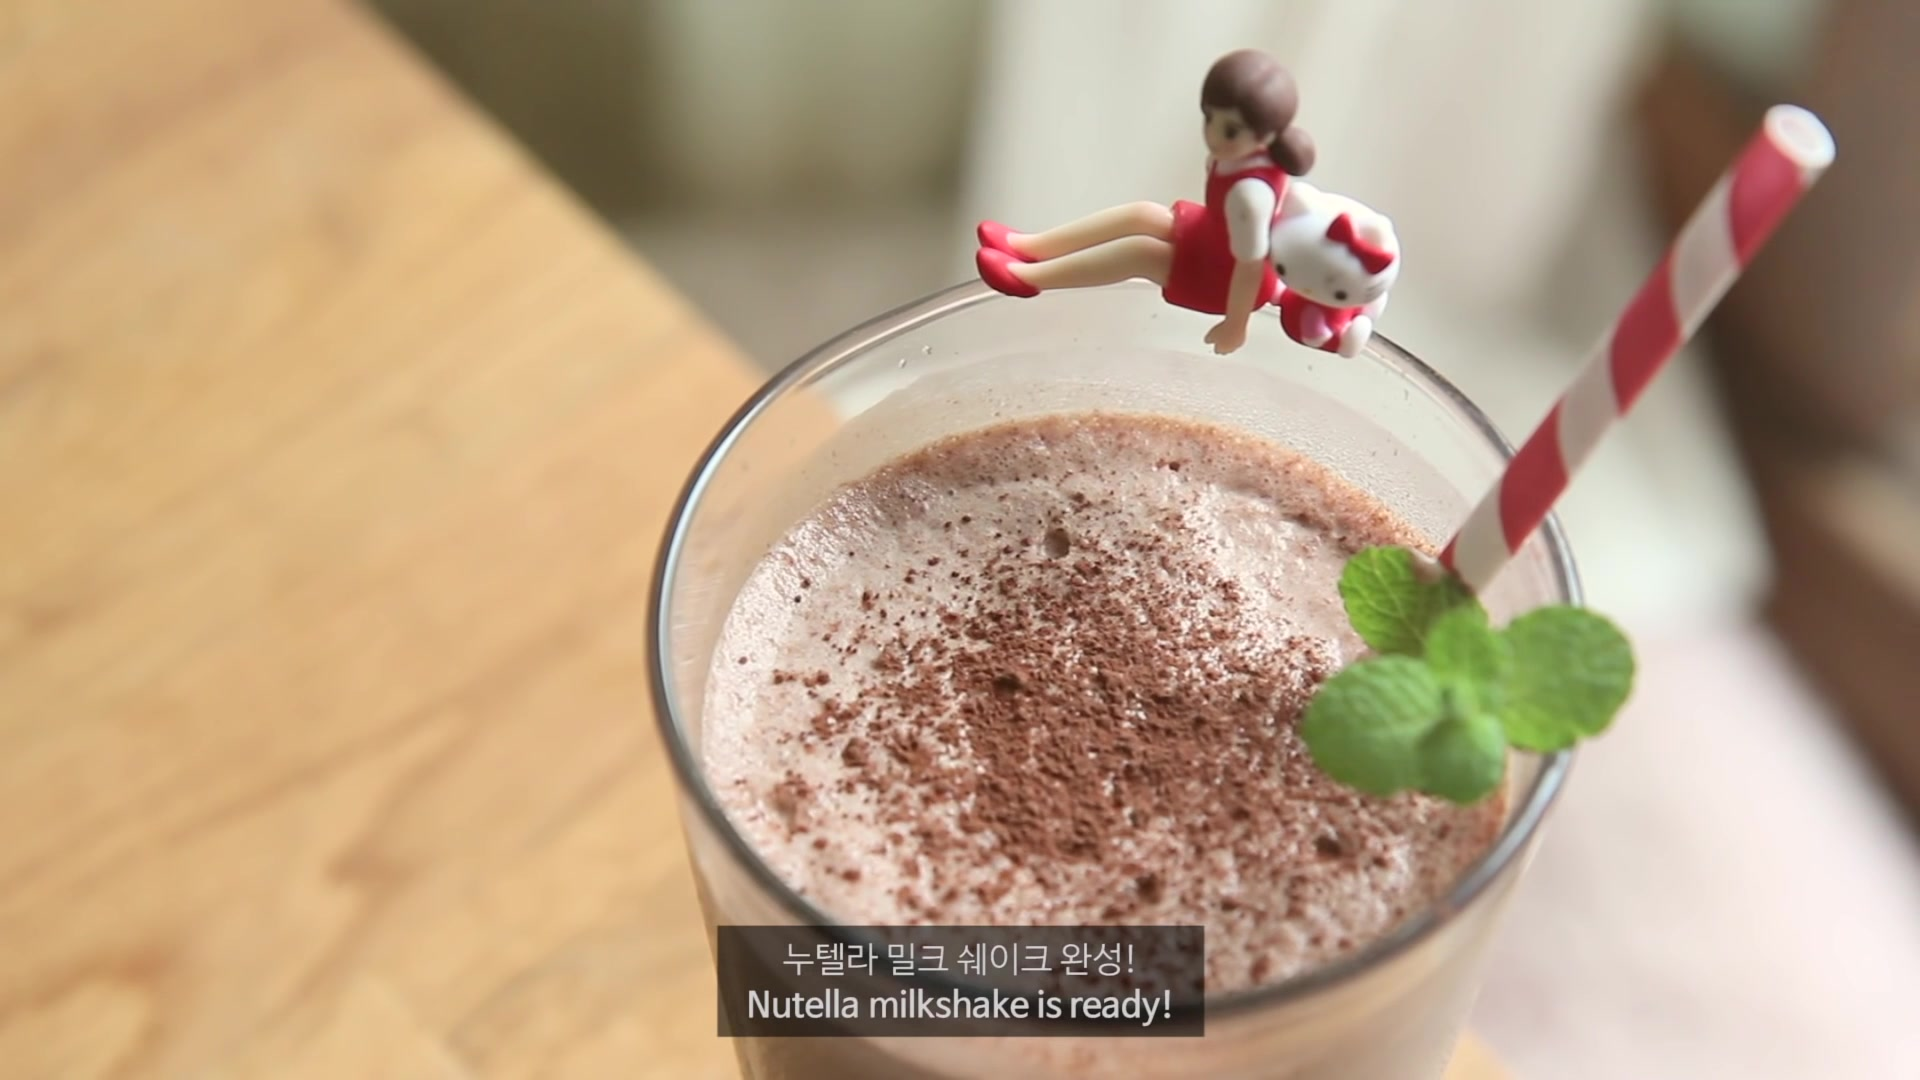 Honeykki Episode 154: Nutella Milkshake